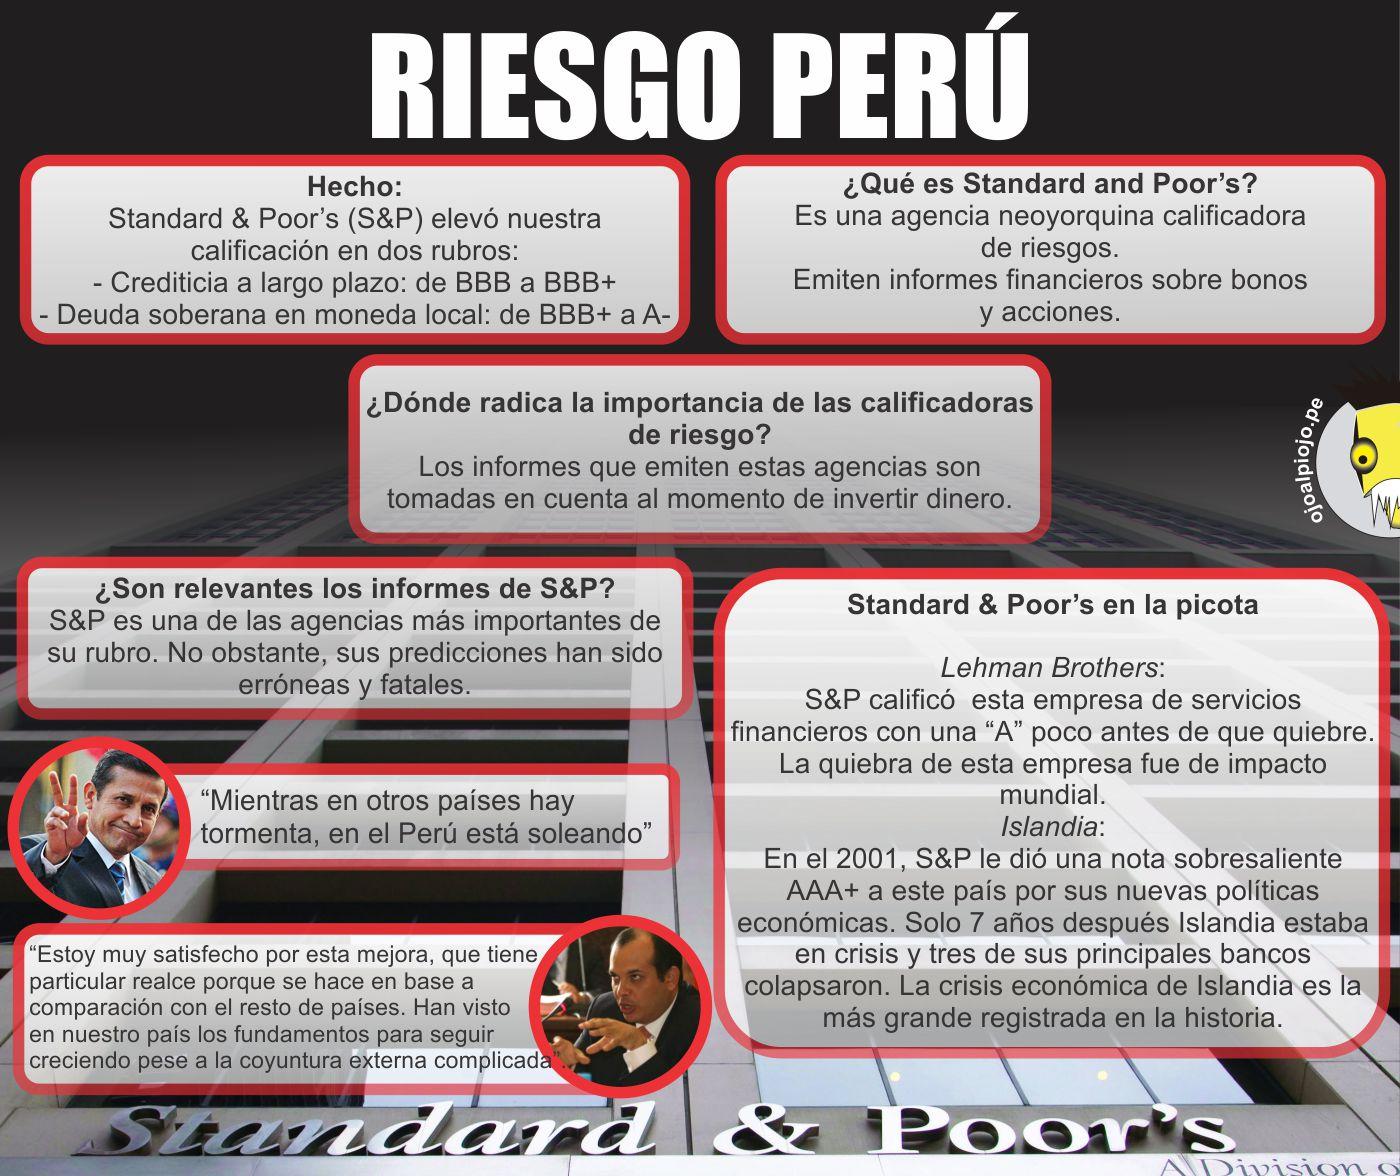 Ojo al Piojo - Standard & Poor's